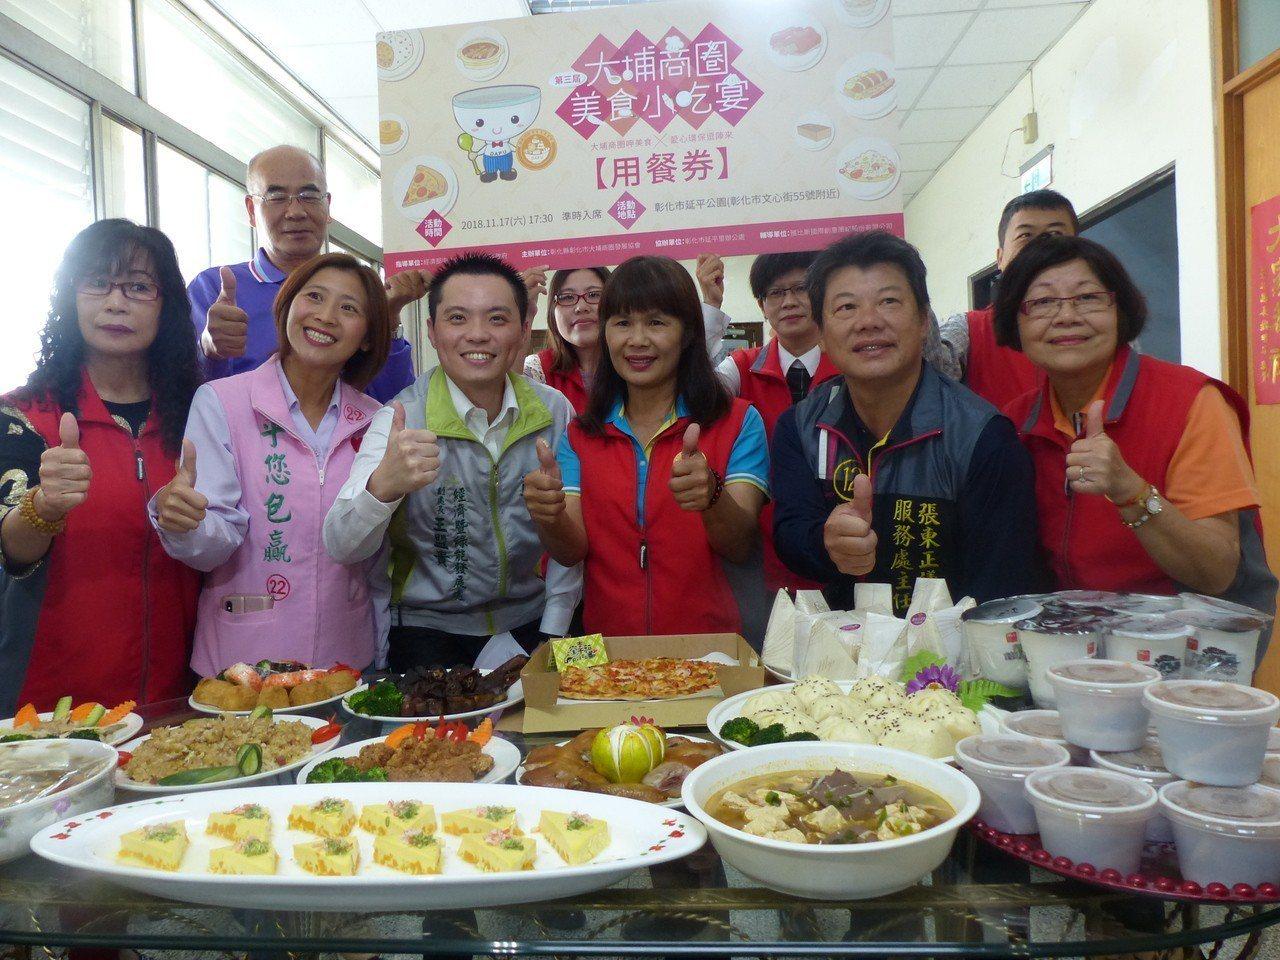 彰化市第3屆大埔商圈美食小吃宴接受訂桌,每桌20道菜3000元。記者劉明岩/攝影